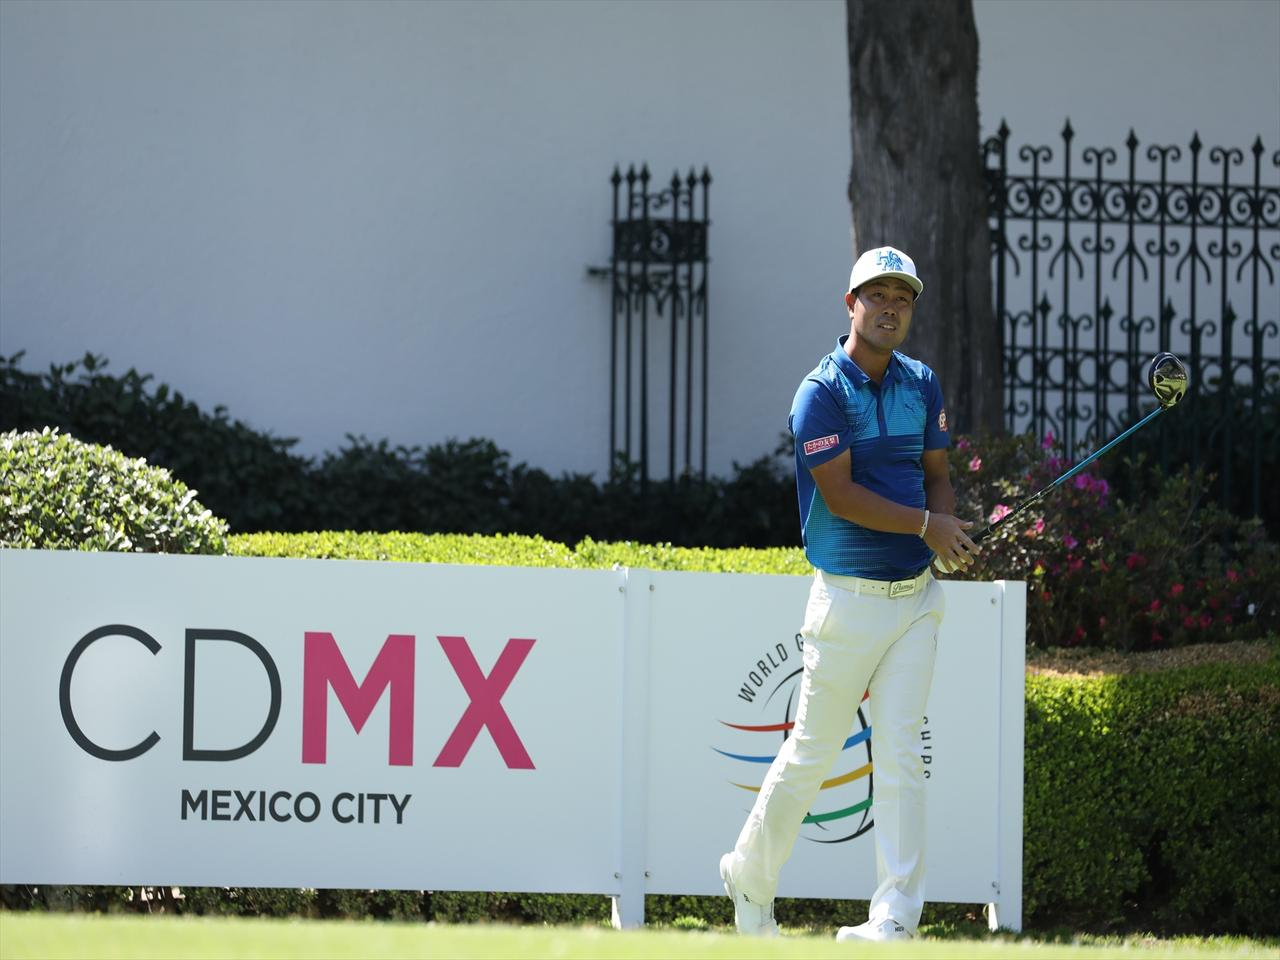 画像: 今週の試合は【WGC MEXICO】松山、池田、谷原そろい踏み。コースは輪厚にそっくり? - みんなのゴルフダイジェスト